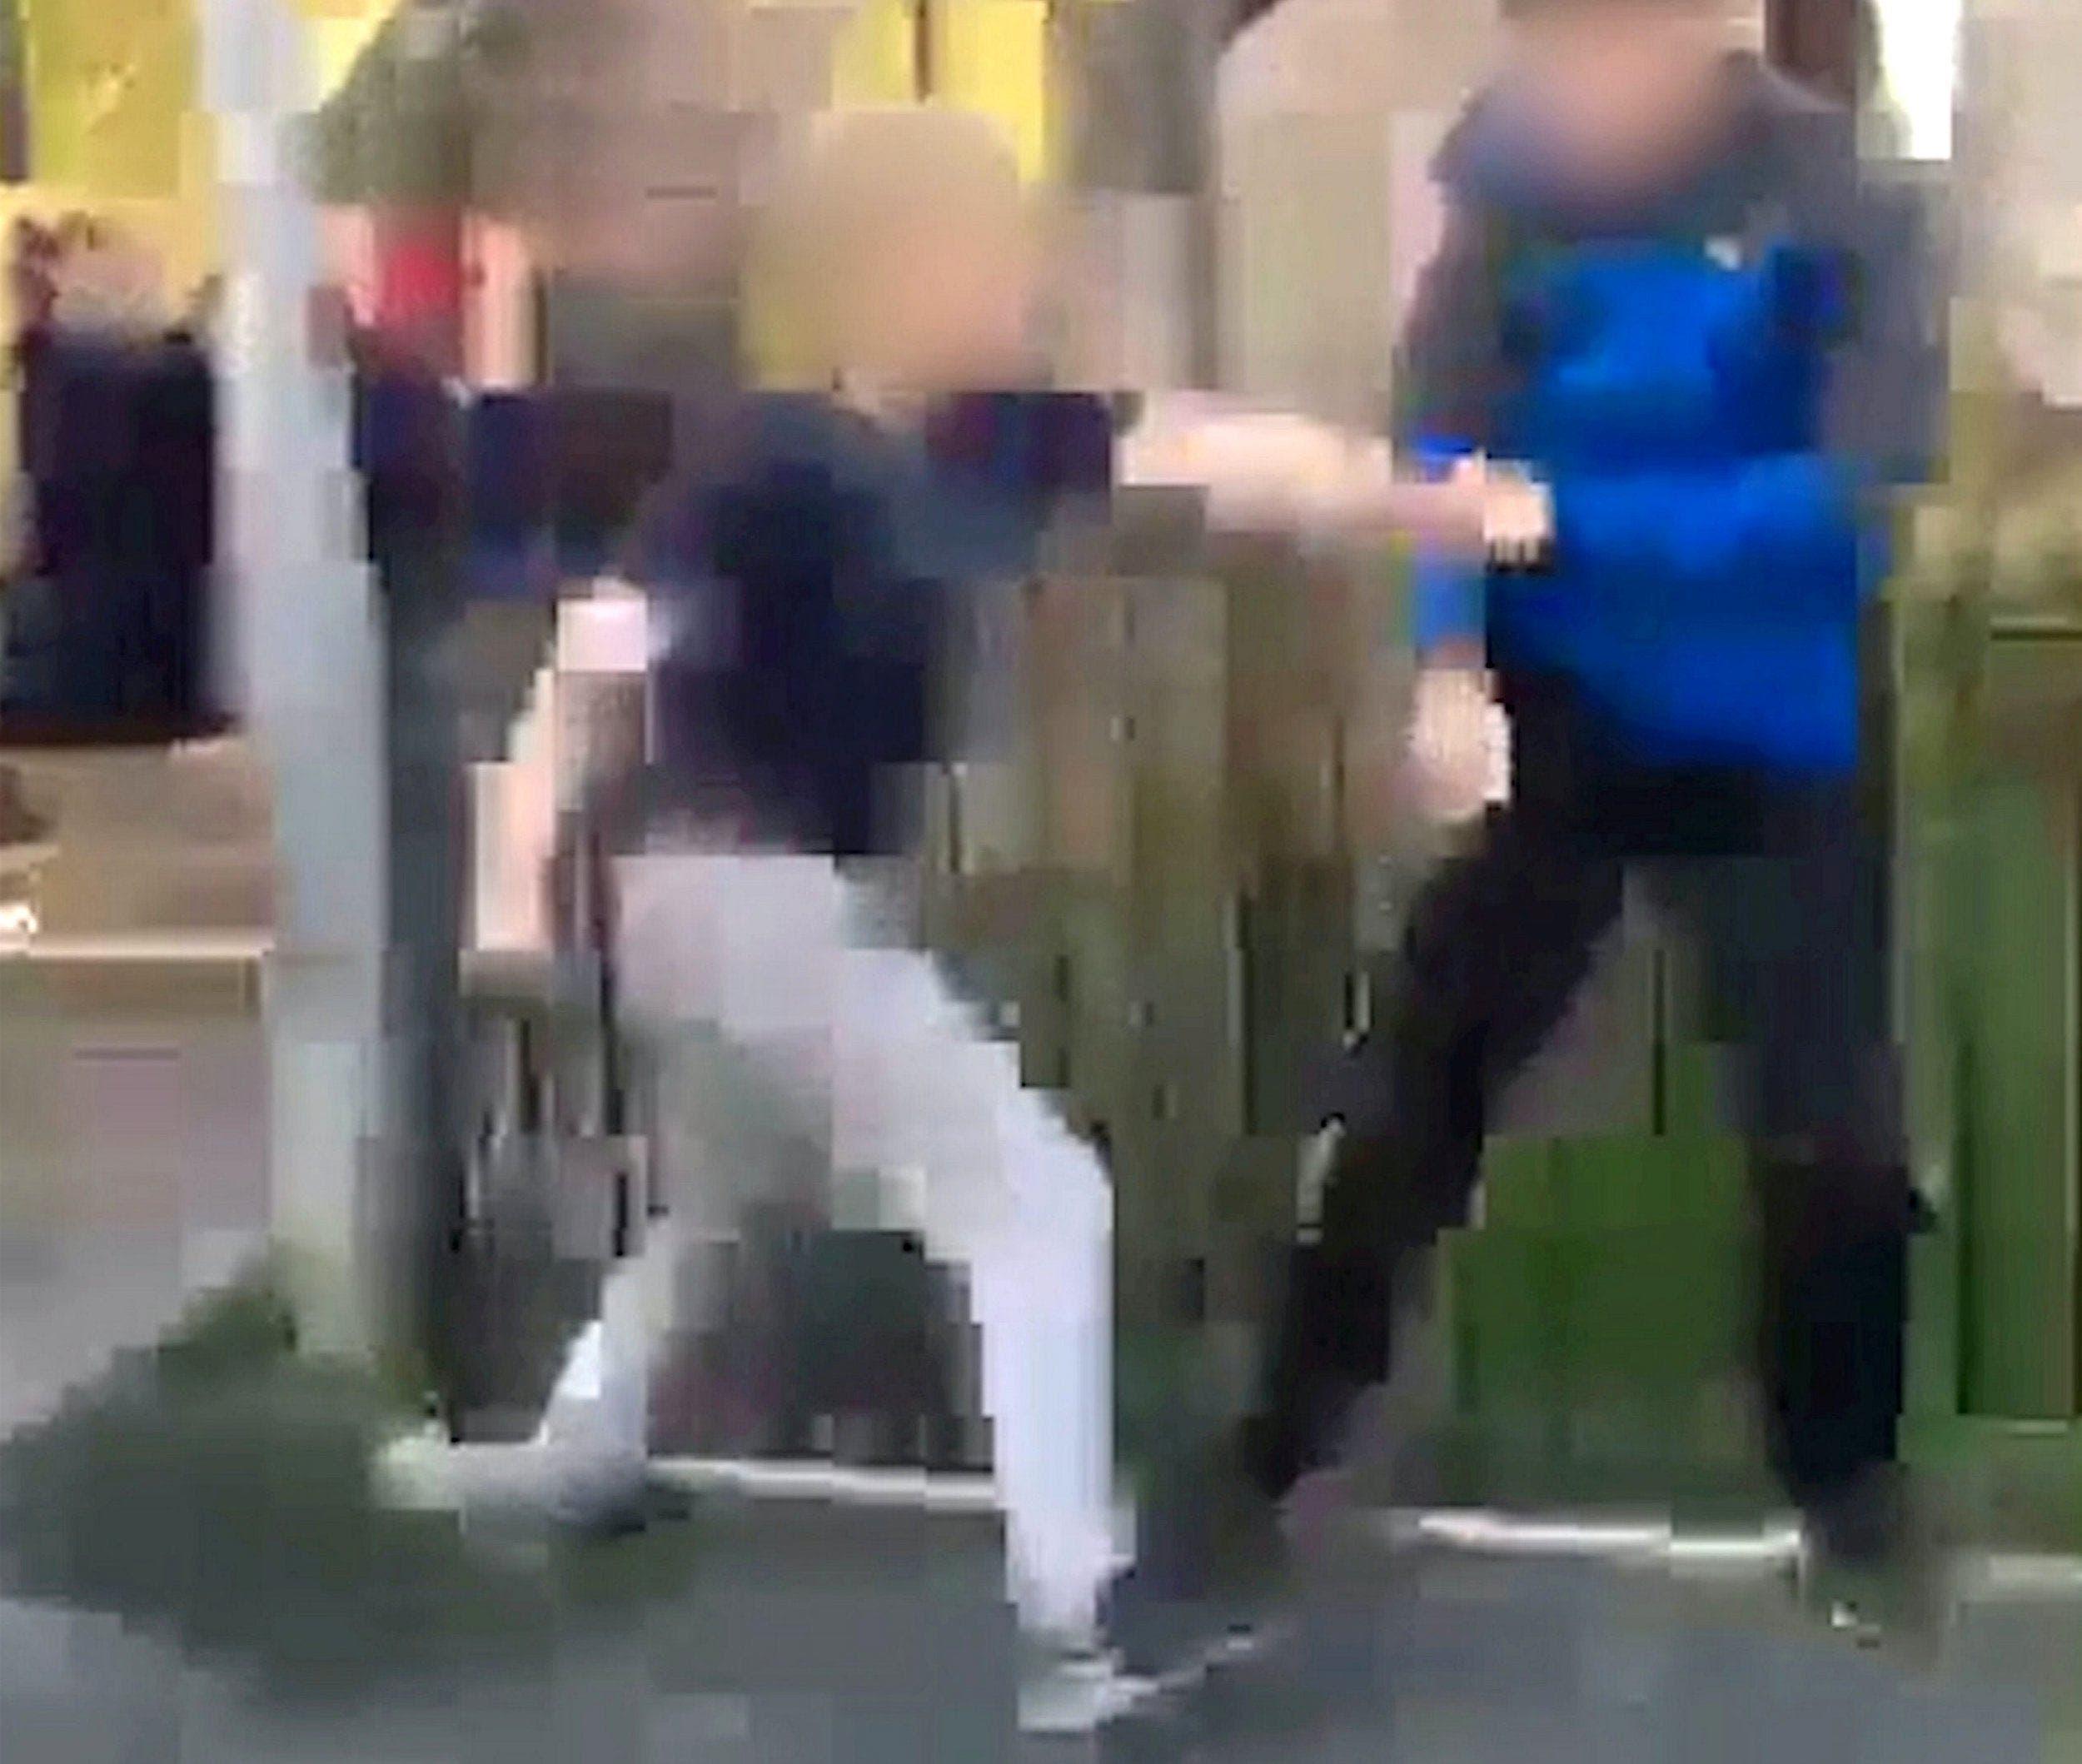 Ce garçon autiste de 14 ans a été roué de coups par un autre adolescent pendant que ses camarades riaient